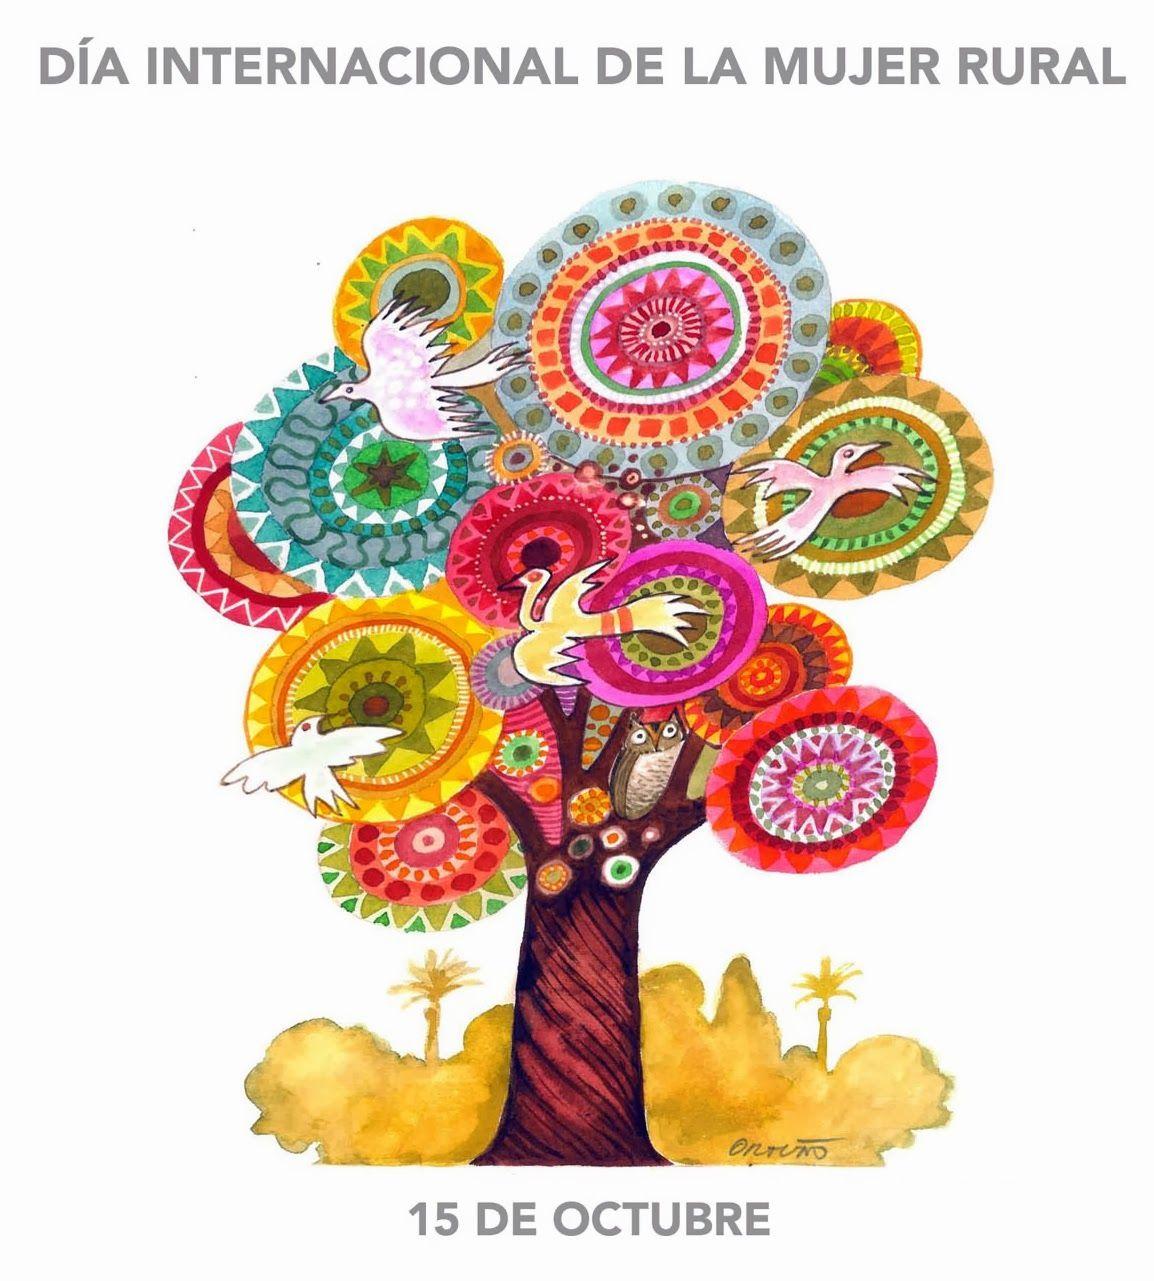 Feliz Dia Internacional De La Mujer Rural Mujer Rural Feliz Dia Internacional De La Mujer Dia Internacional De La Mujer Que estas inmejorables frases para desear feliz día de la mujer a mi suegra funcionen para alegrarle el día a esa persona que con seguridad es tan especial. mujer rural